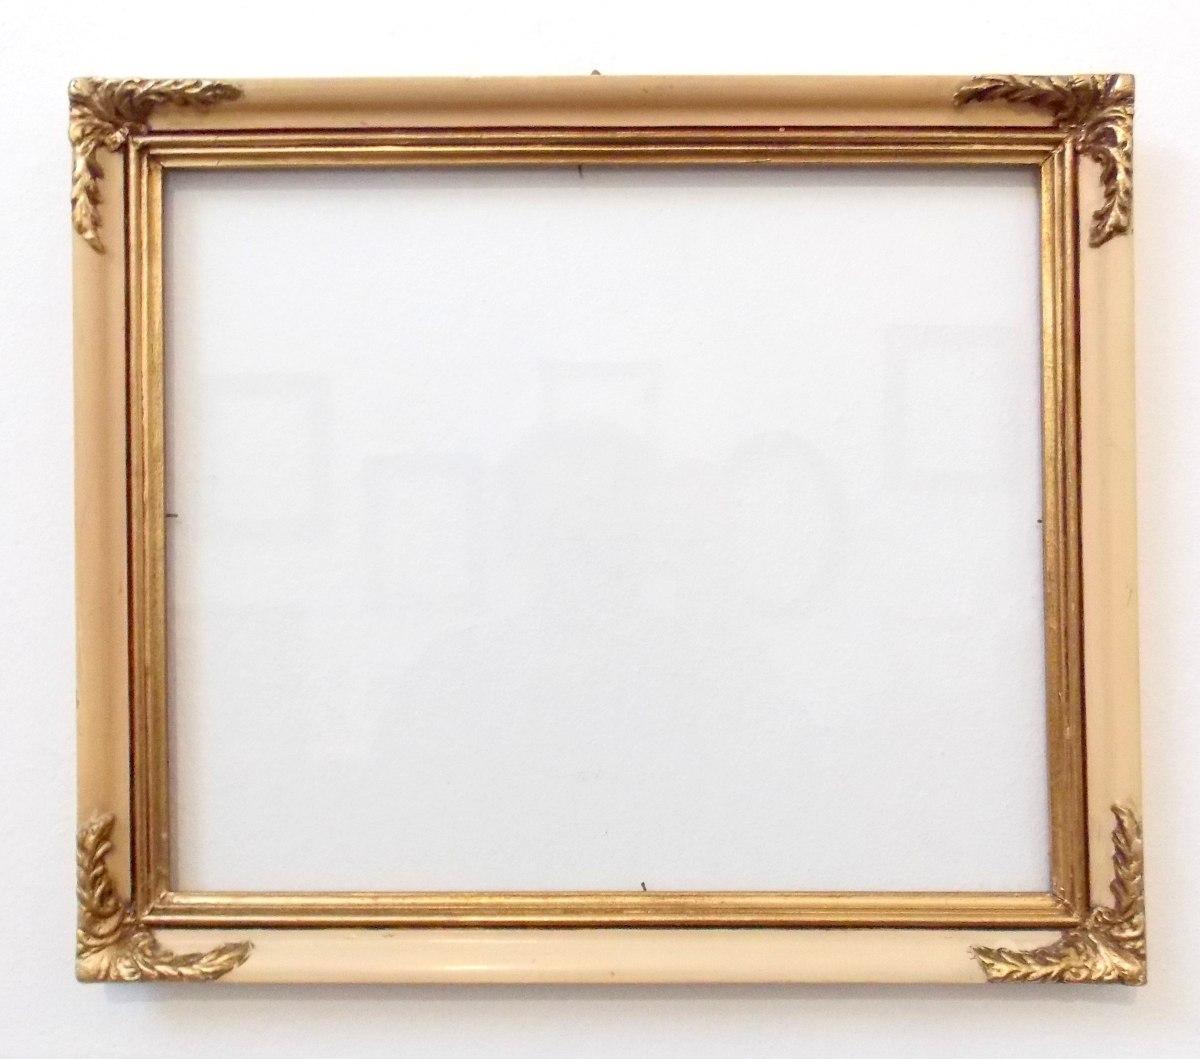 Marcos antiguo foto cuadro espejo 35x29 550 00 en mercado libre - Marcos transparentes ...